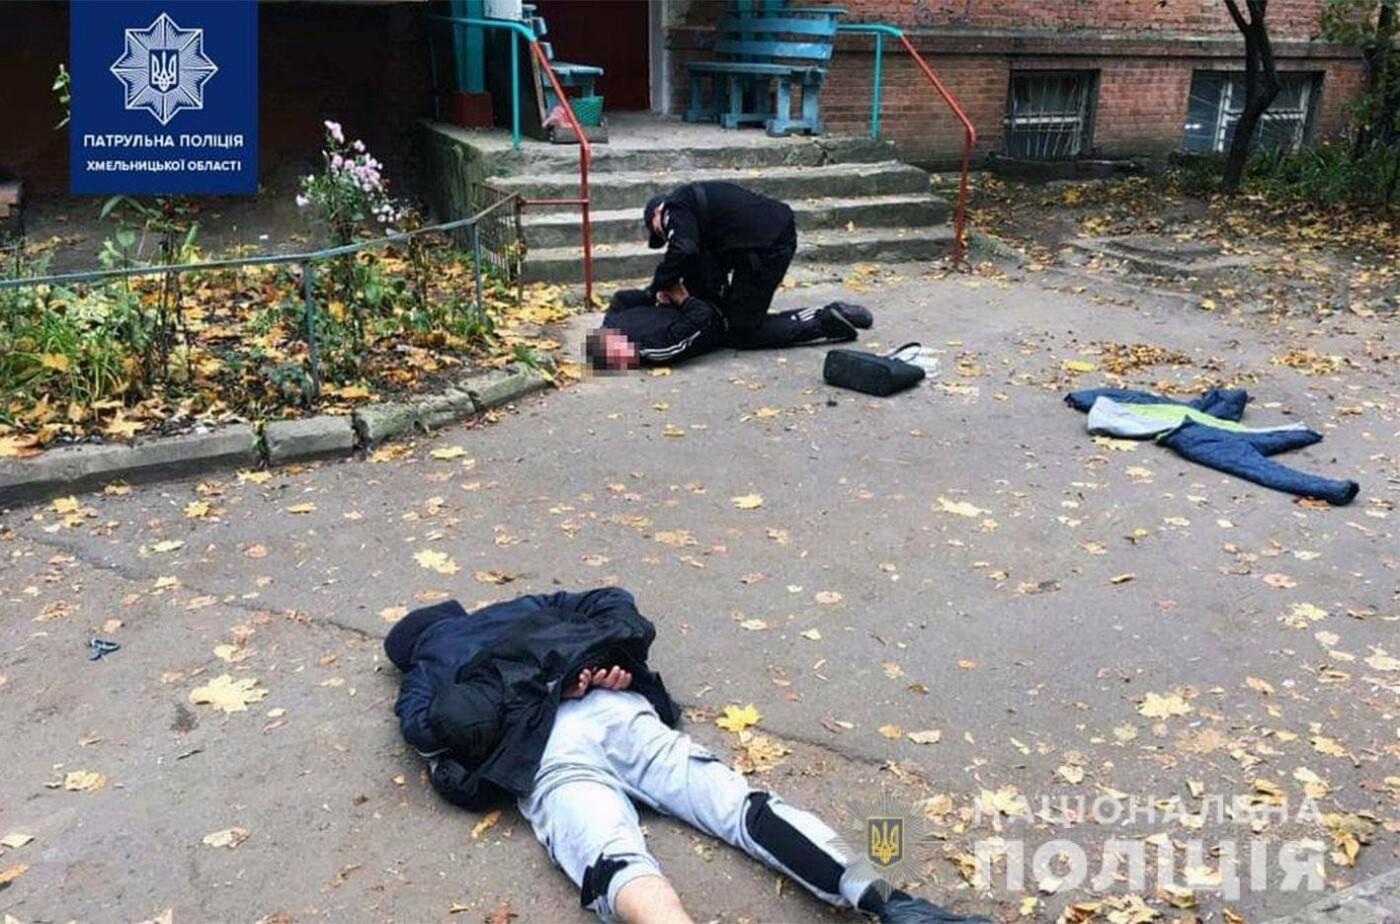 У Хмельницькому патрульні оперативно затримали дует грабіжників (ФОТО), фото-3